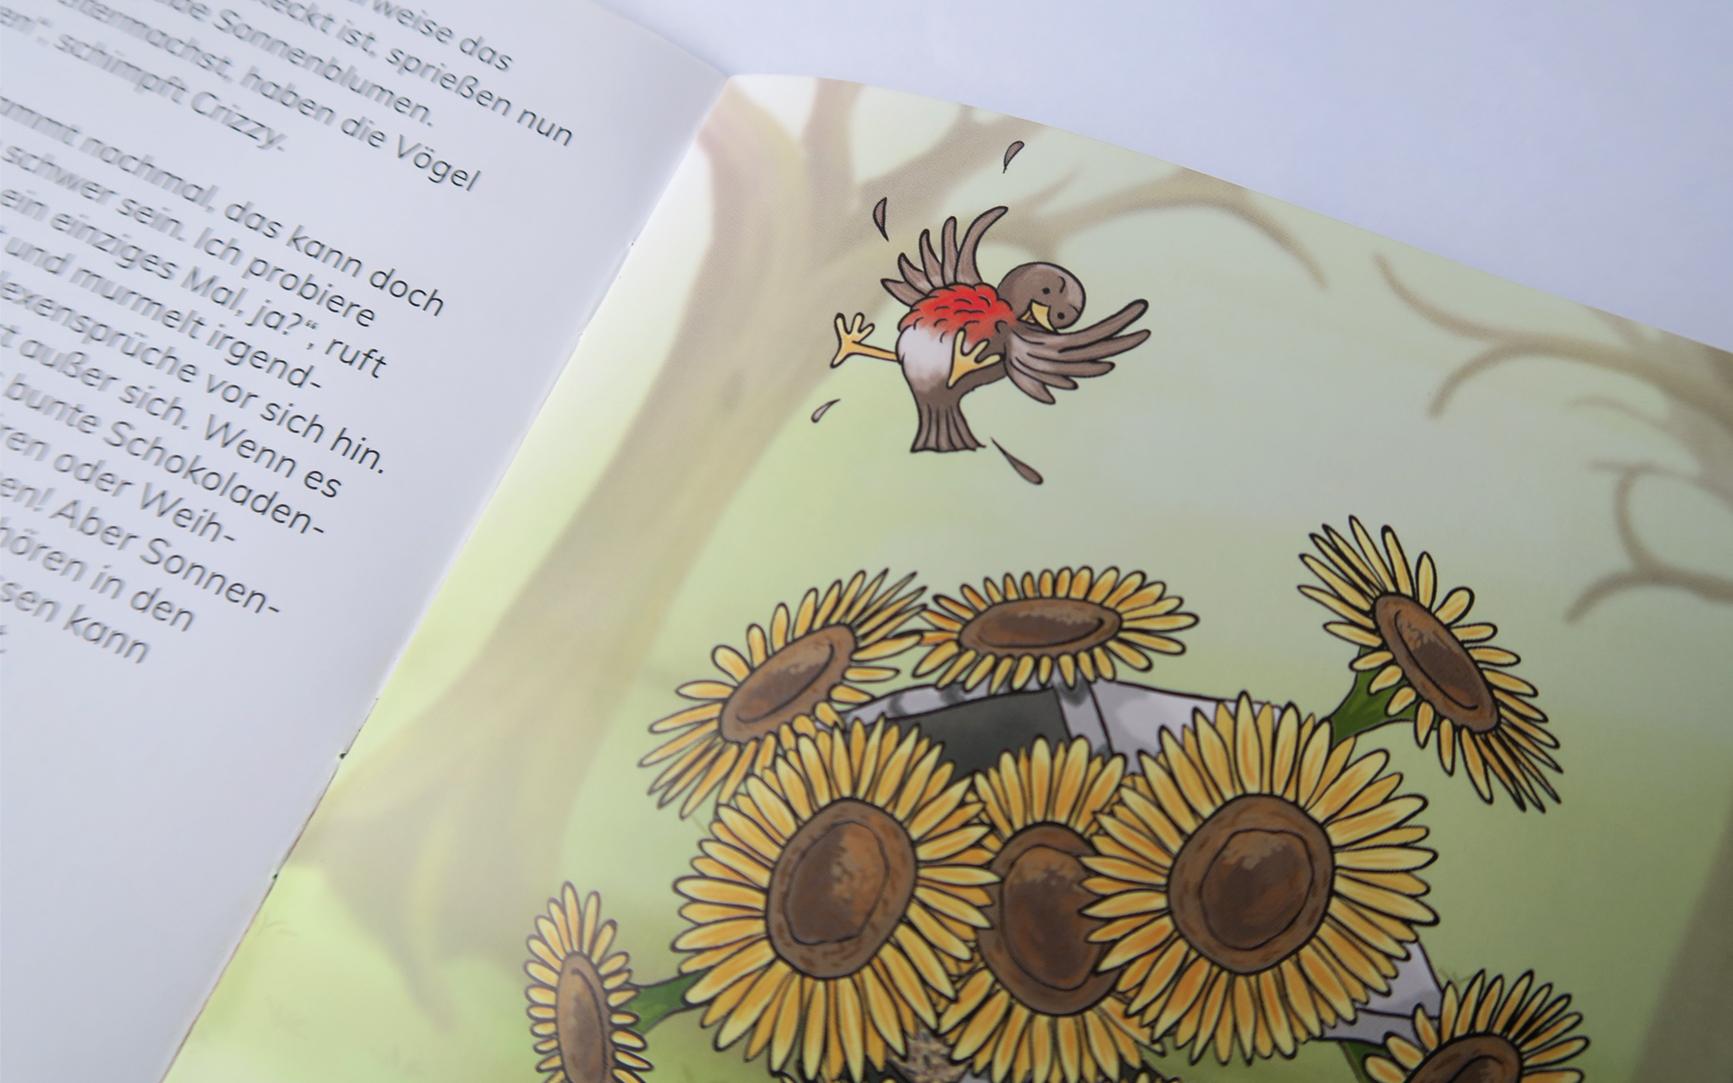 Hexe Kleinlaut Weihnachtsbuch Blumen